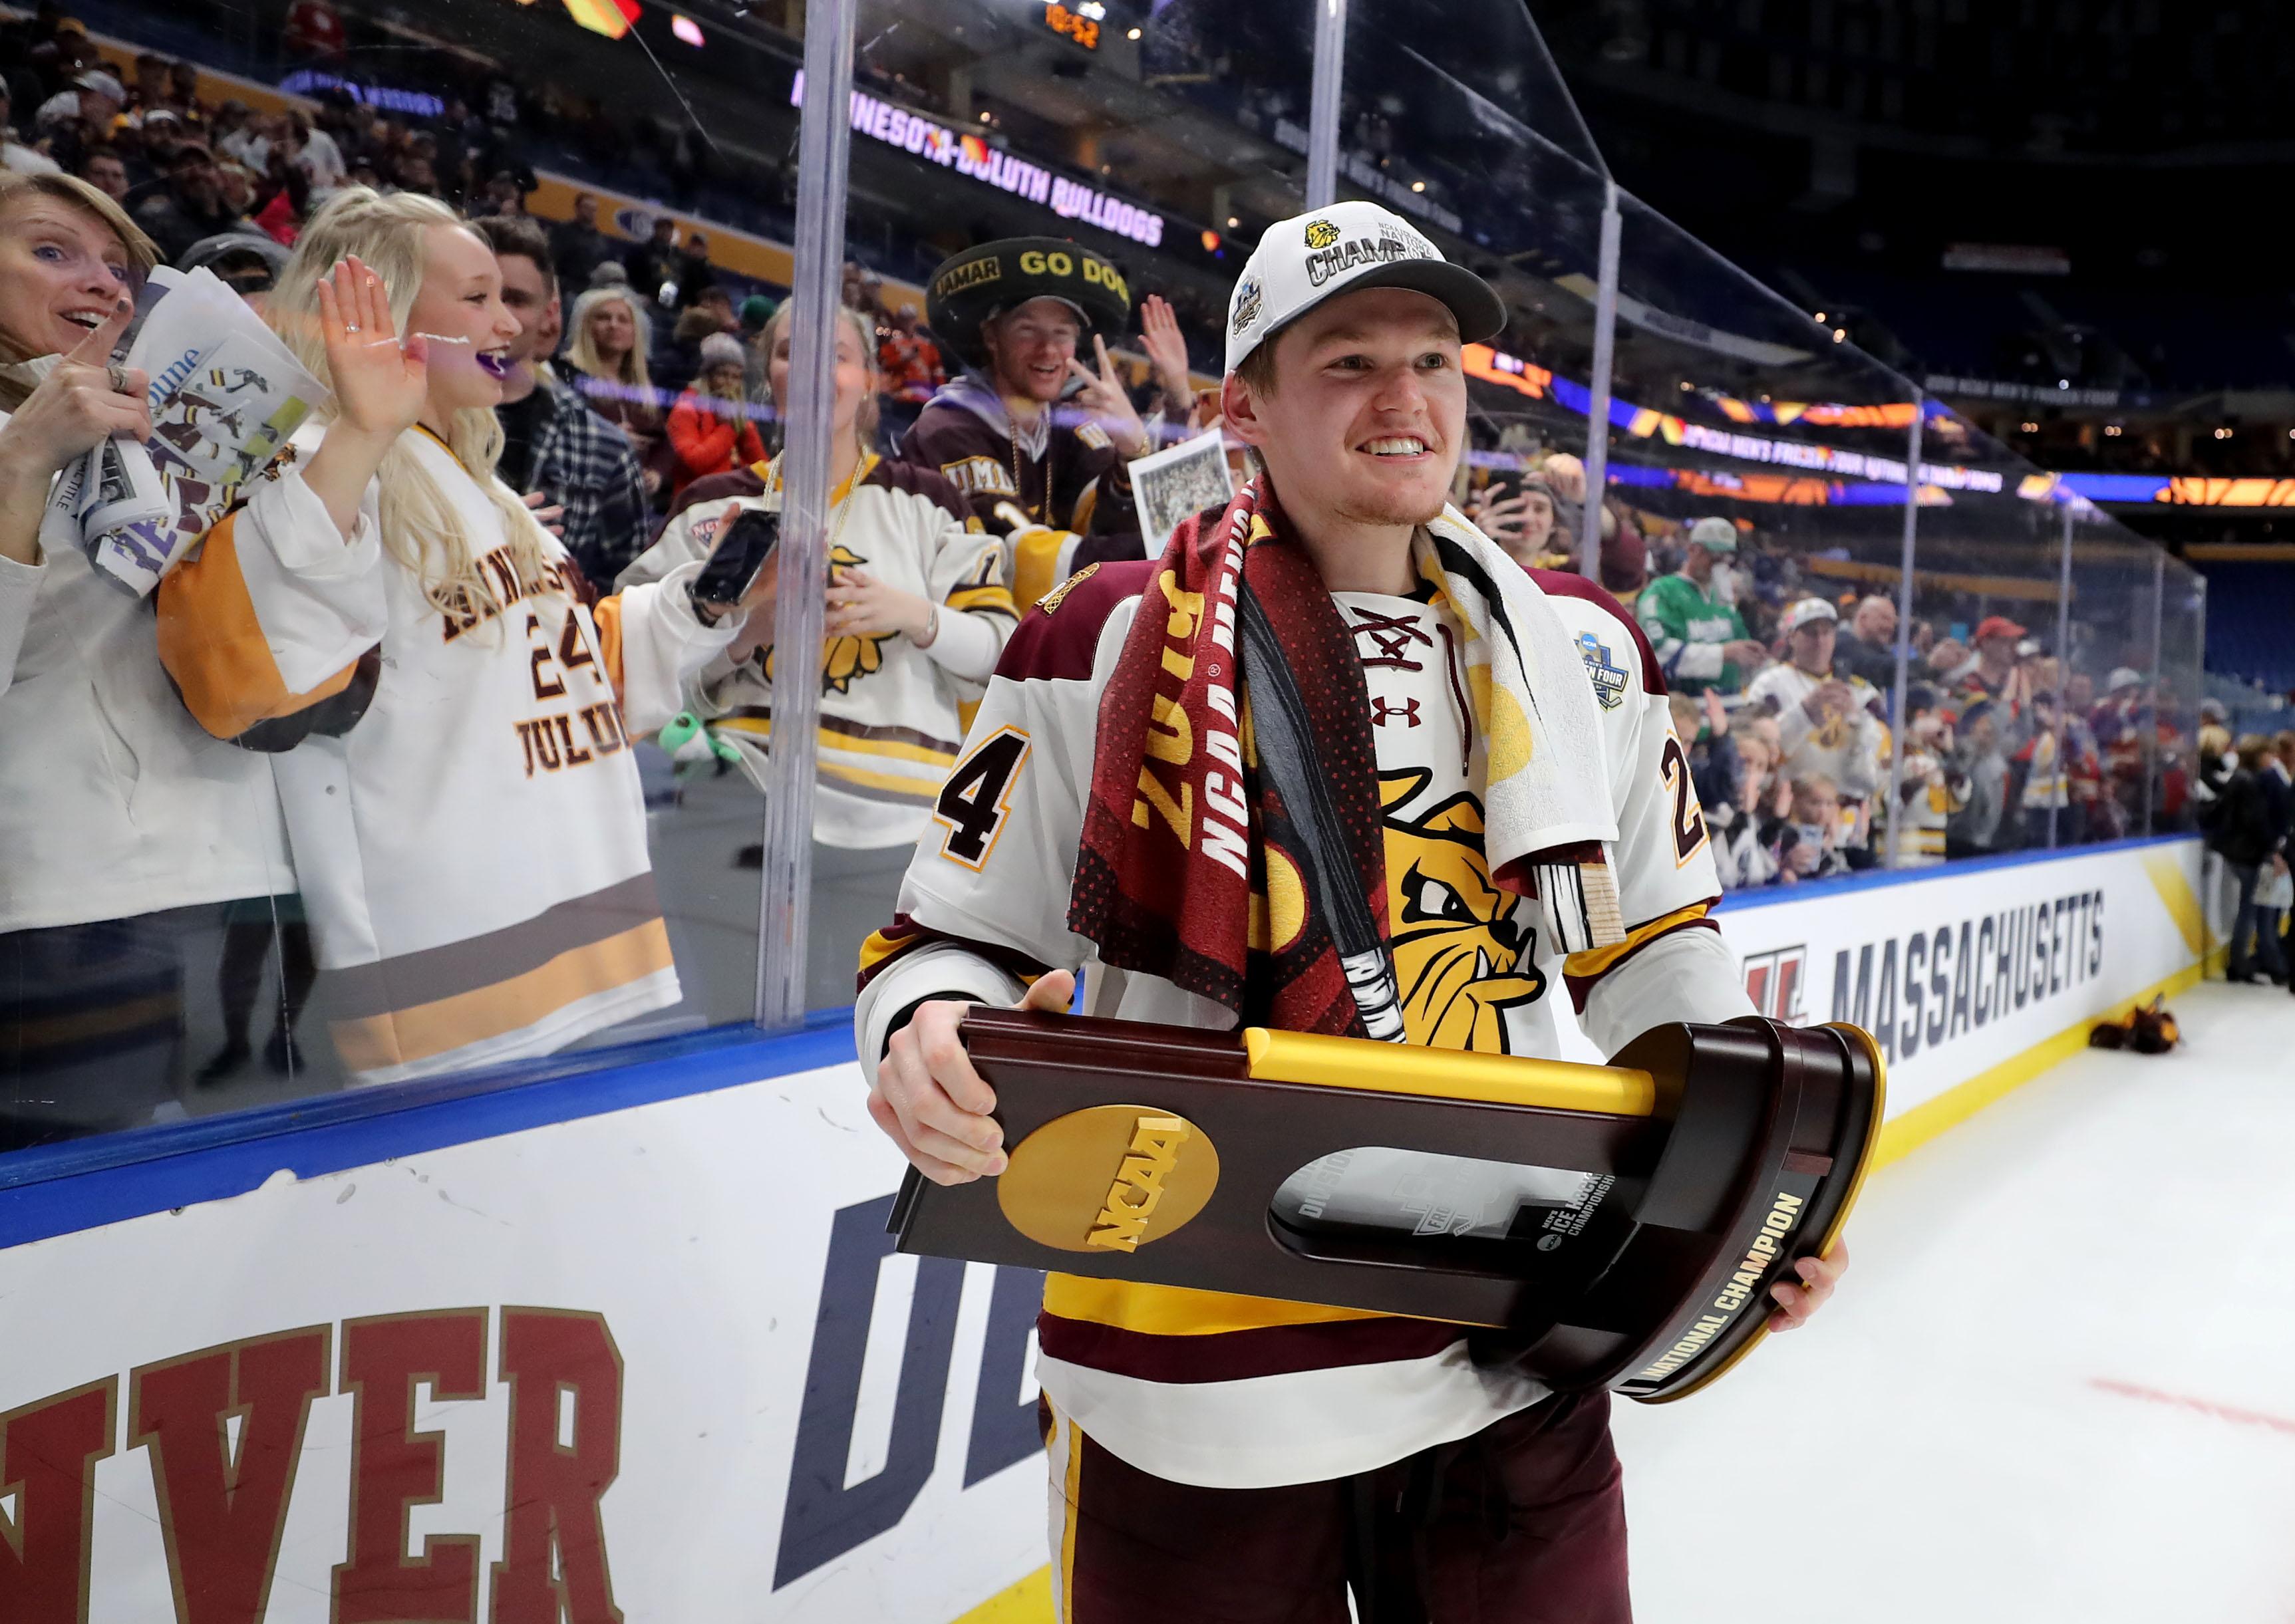 2019 NCAA Division I Men's Ice Hockey Championships